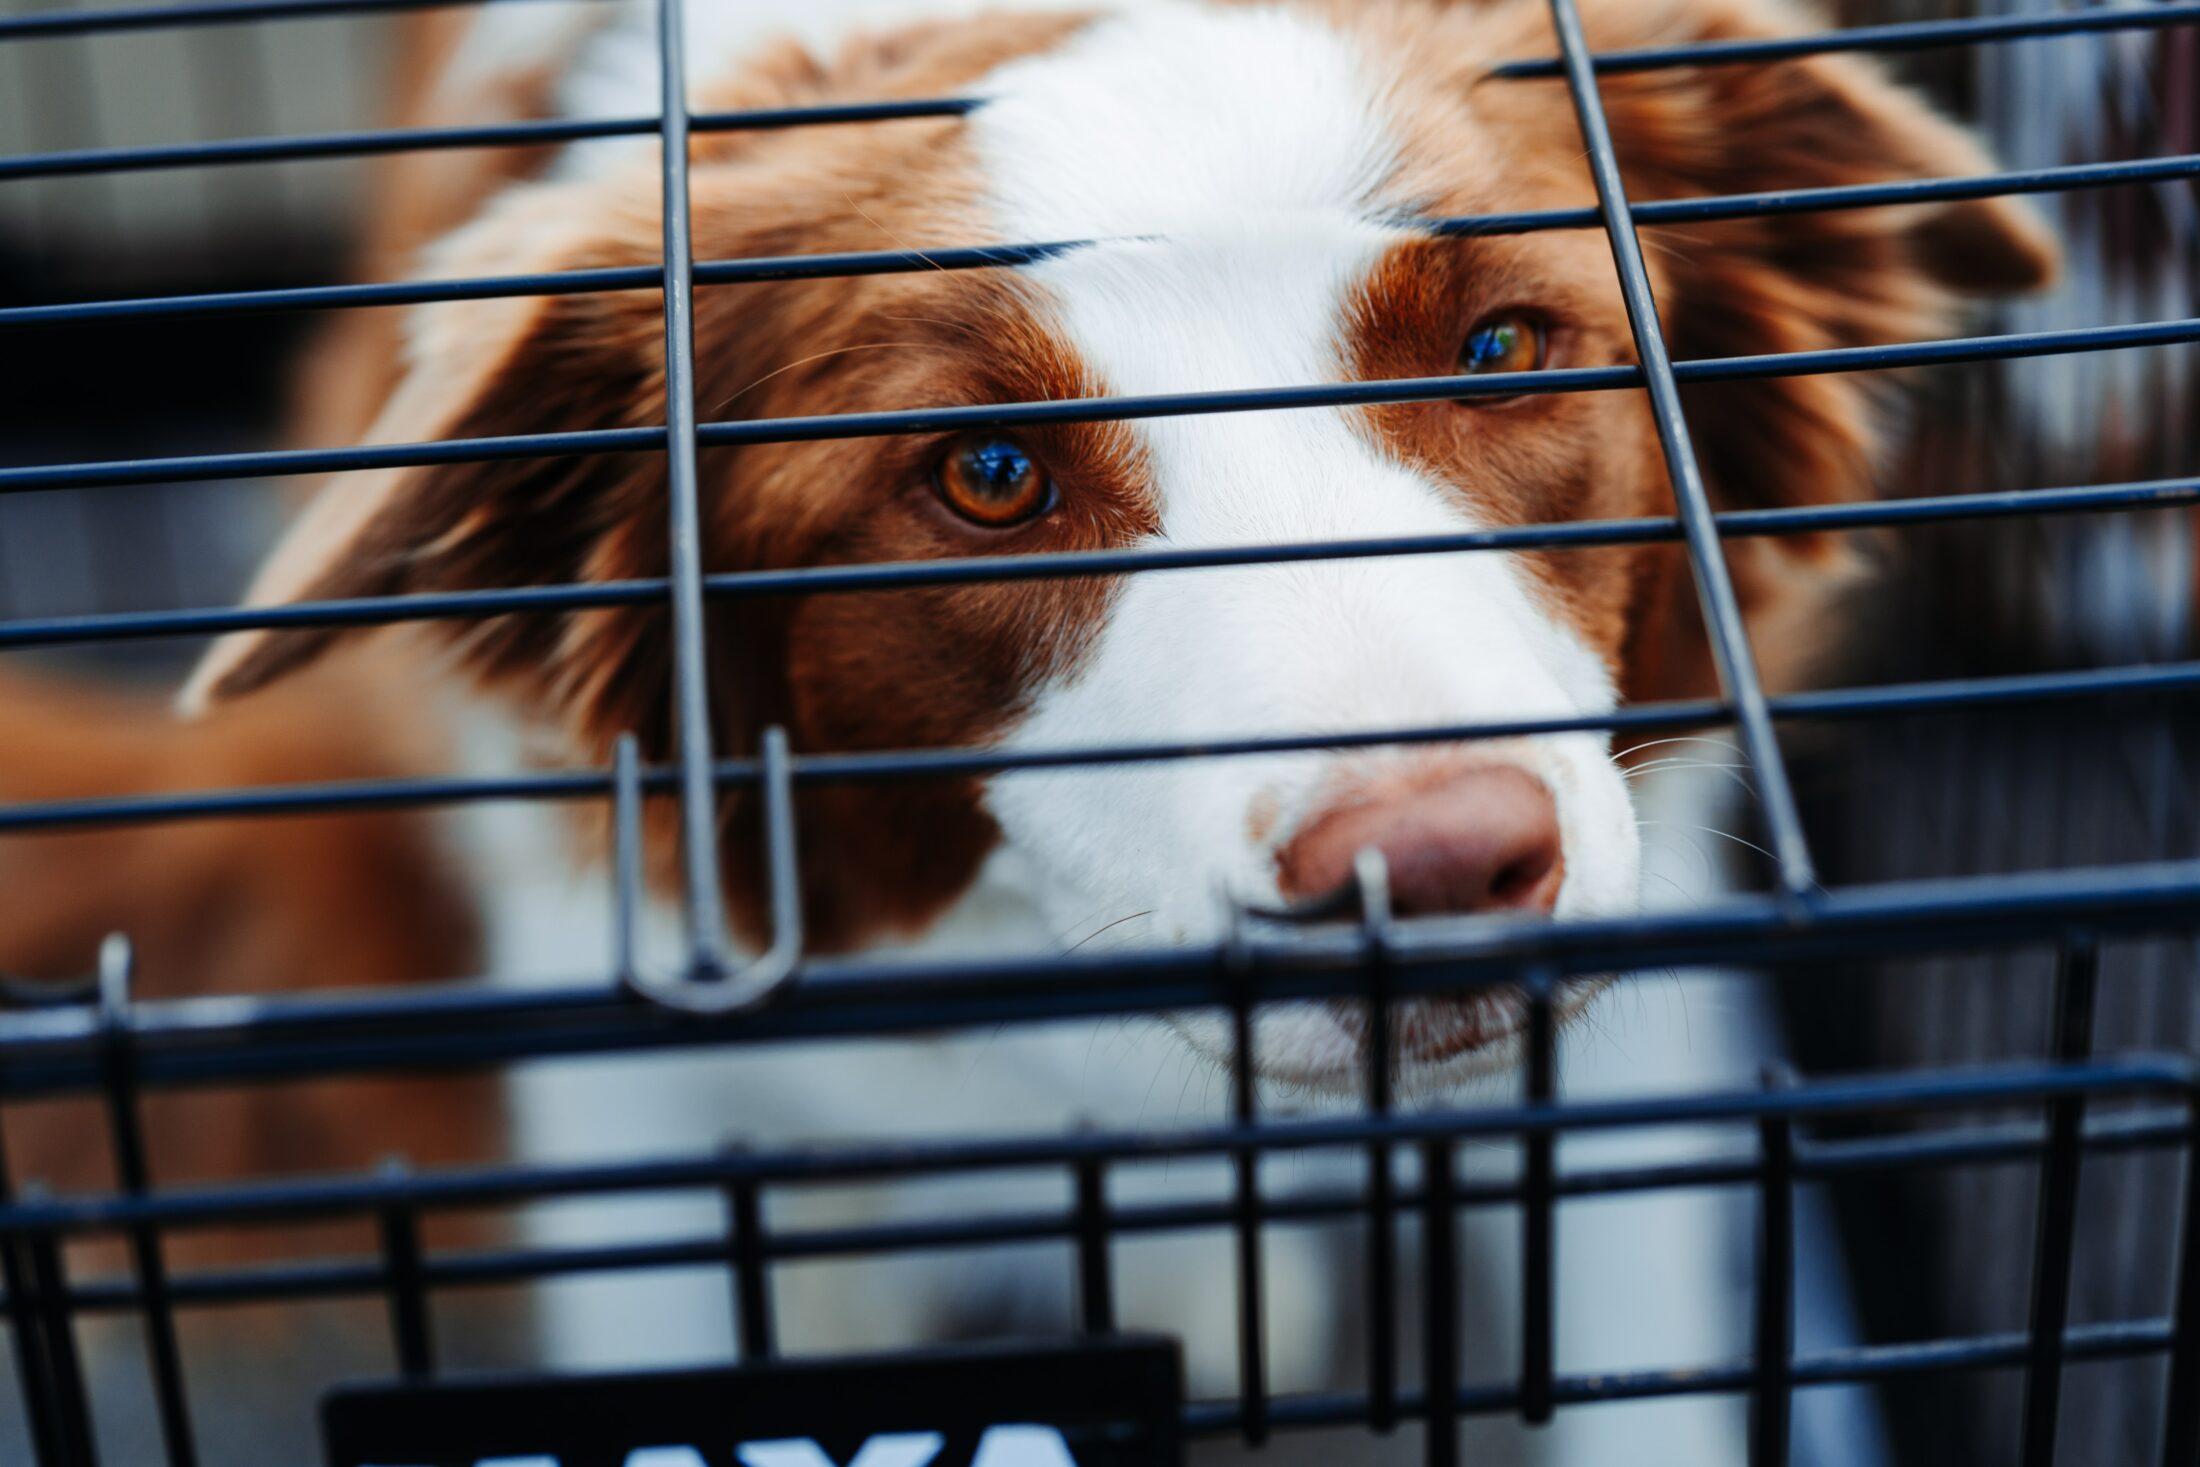 cachoro preso em gaiola de criador de cachorro